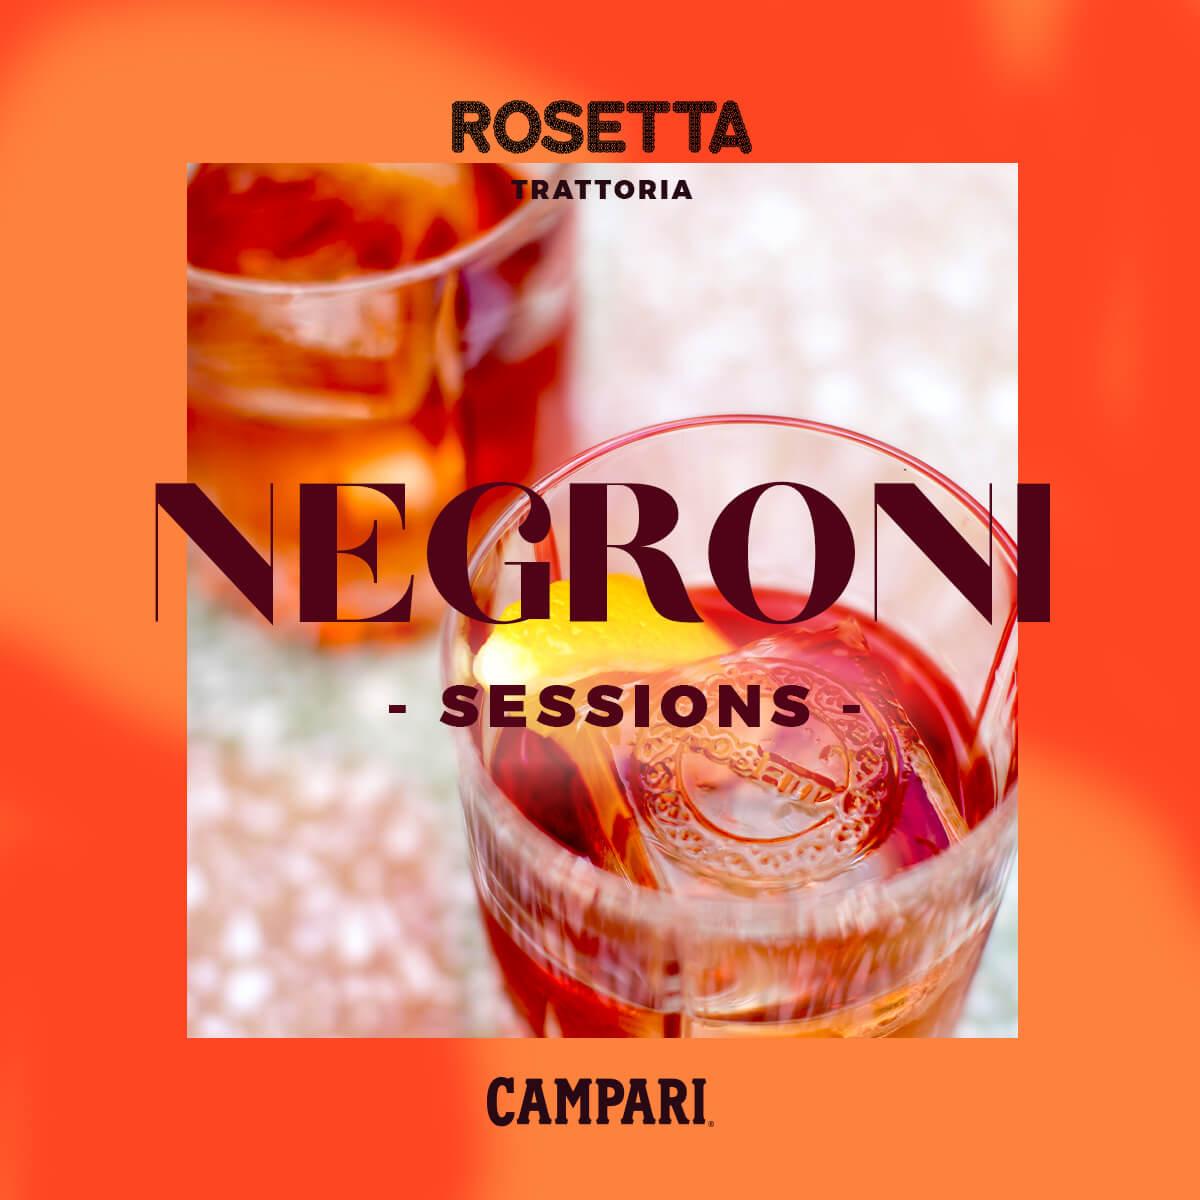 Negroni Masterclasses